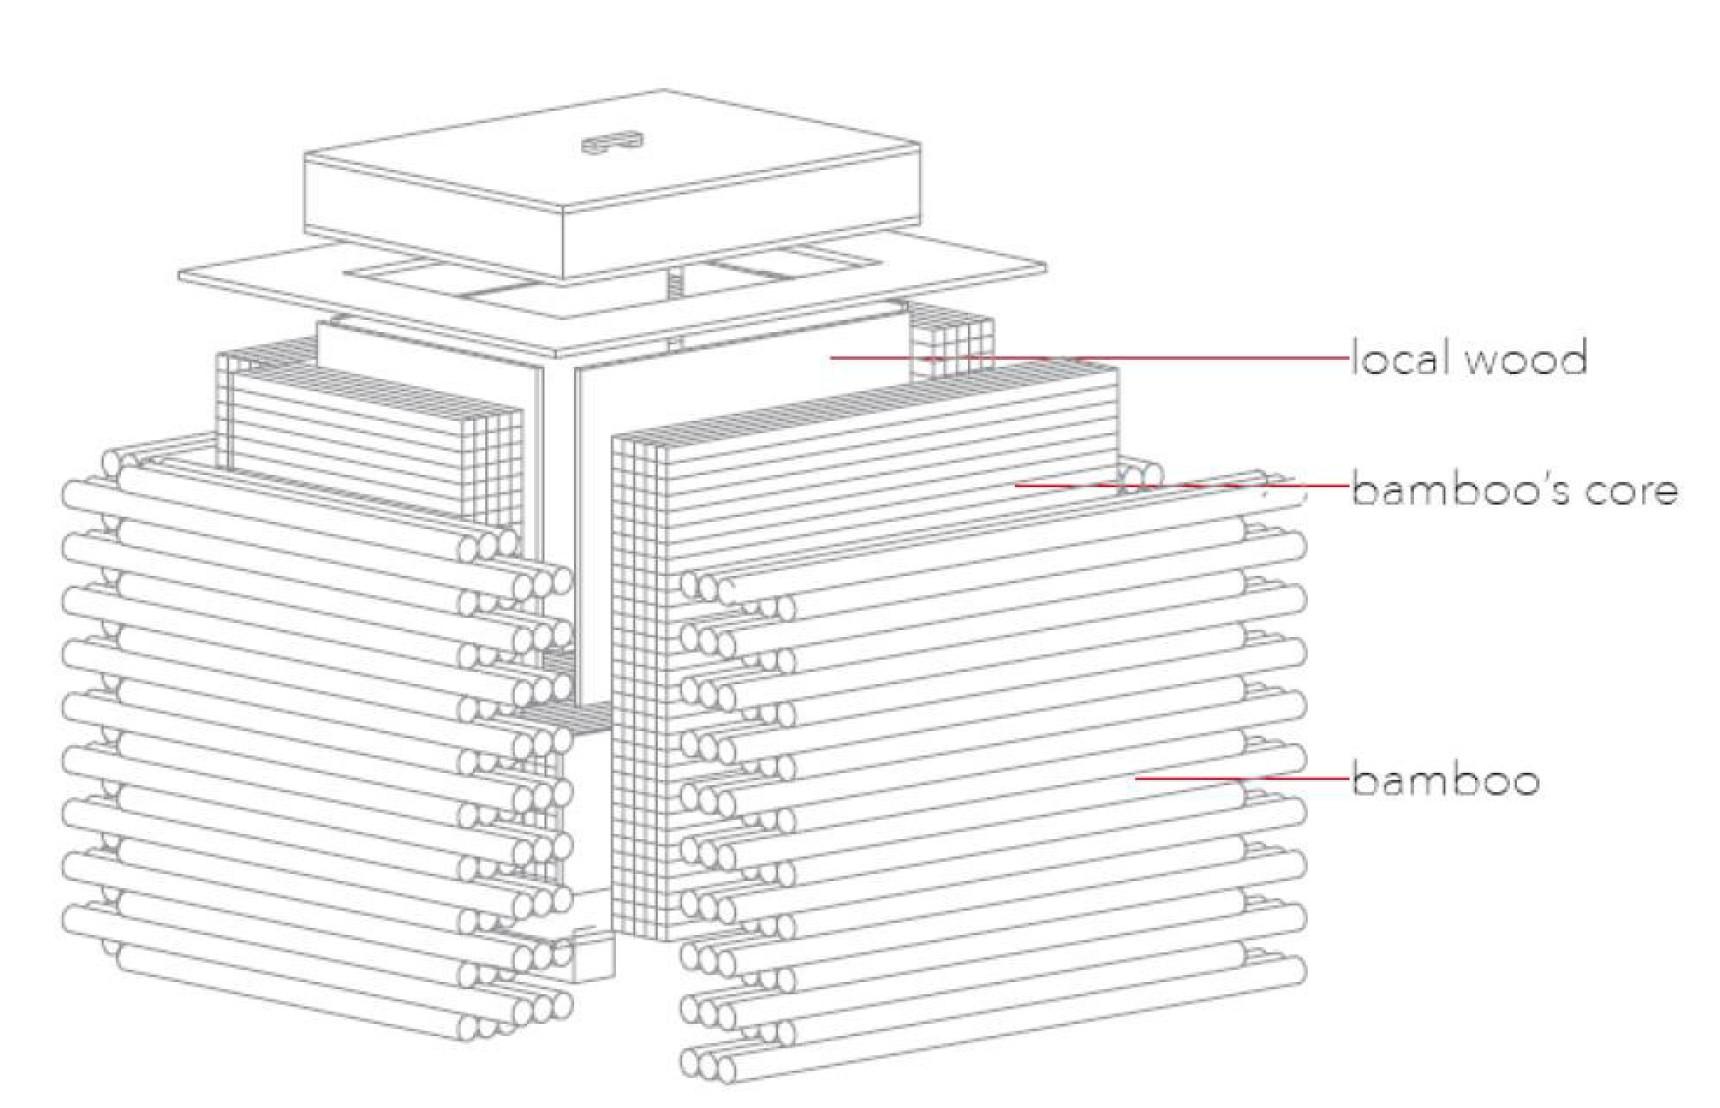 Un frigo fotovoltaico in bamboo da costruire da soli - Costruire casa da soli ...